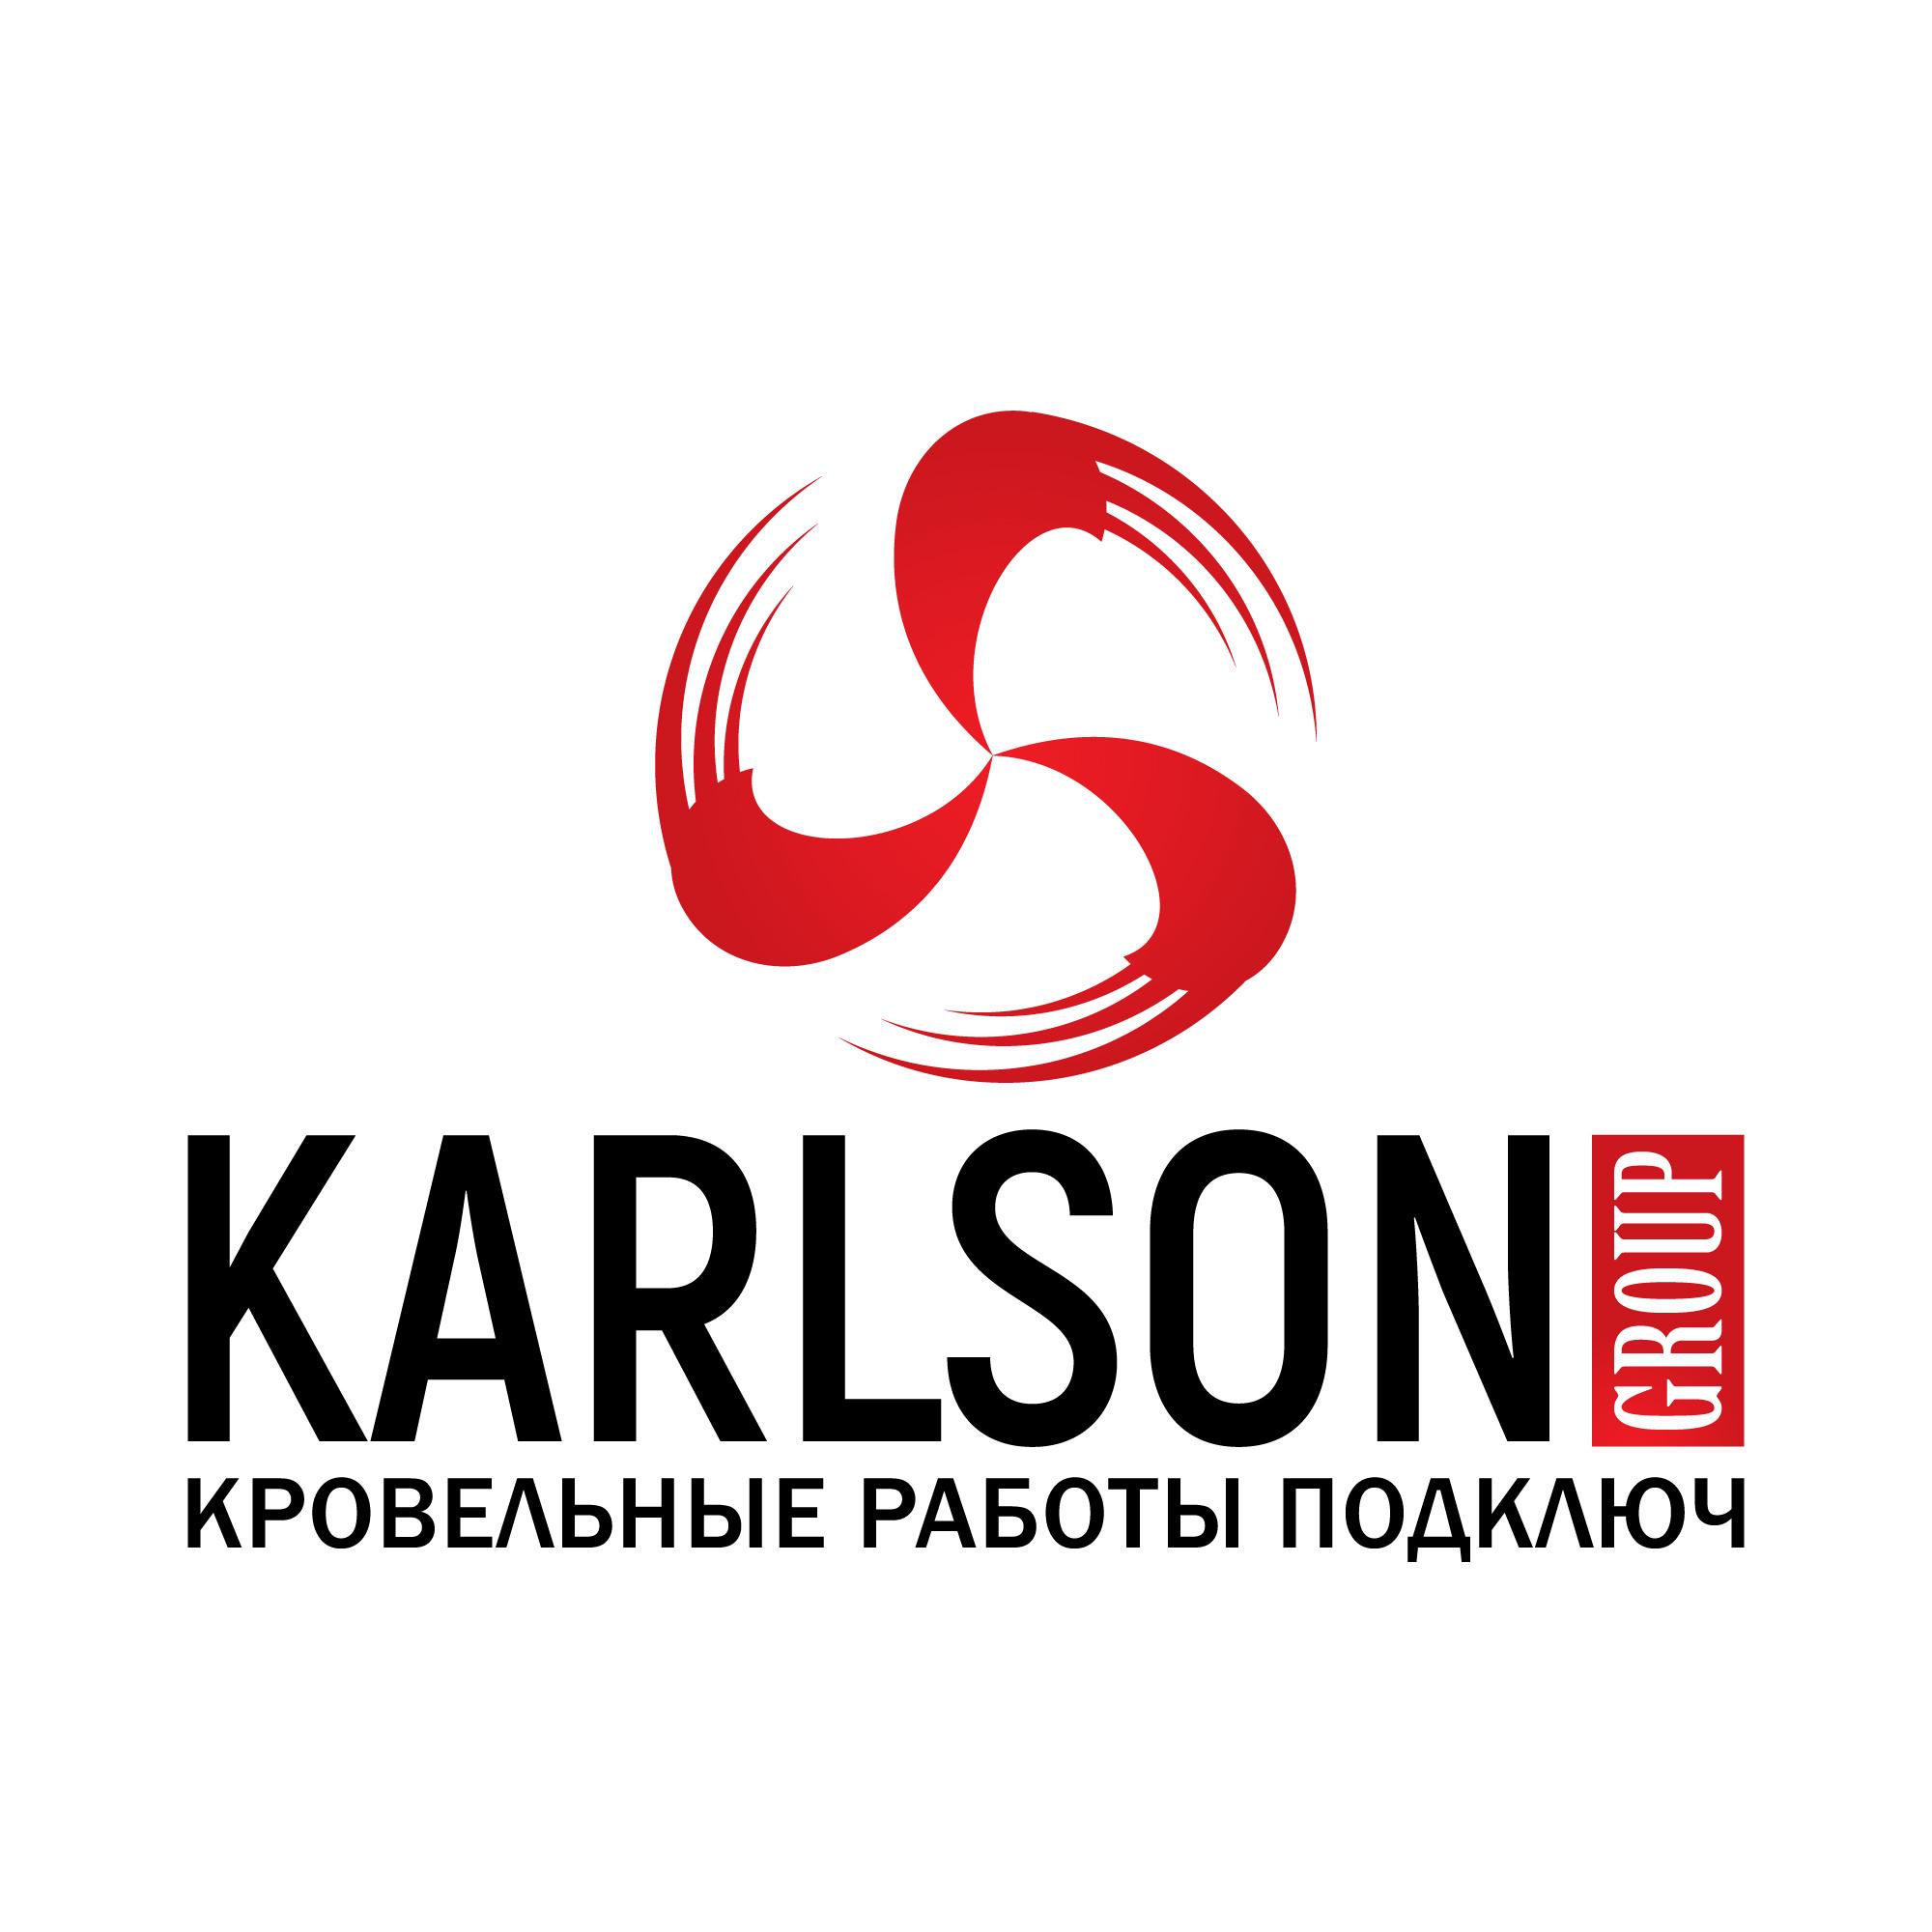 Придумать классный логотип фото f_65459897d801b9ec.jpg